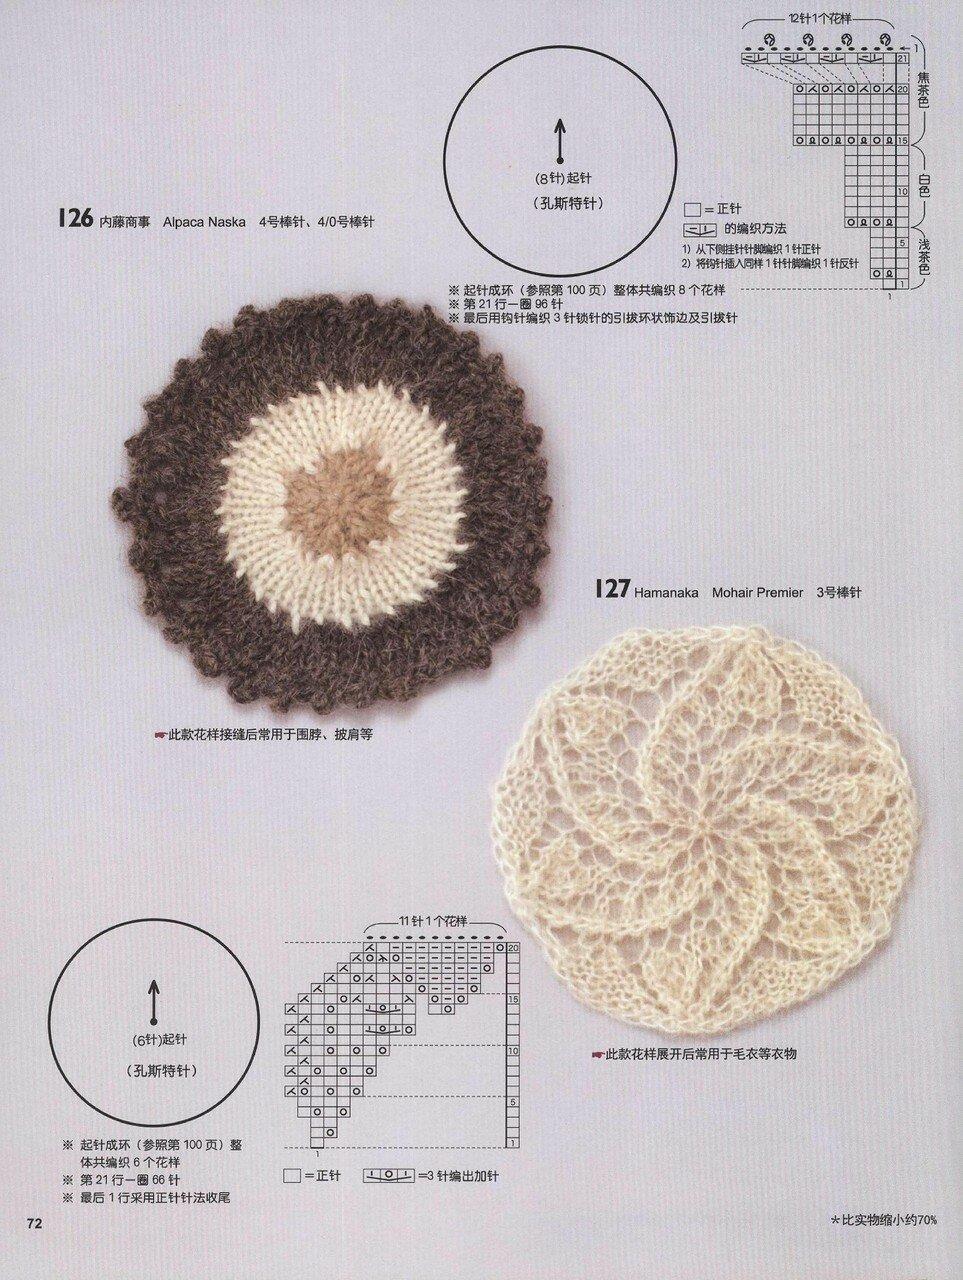 150 Knitting_74.jpg